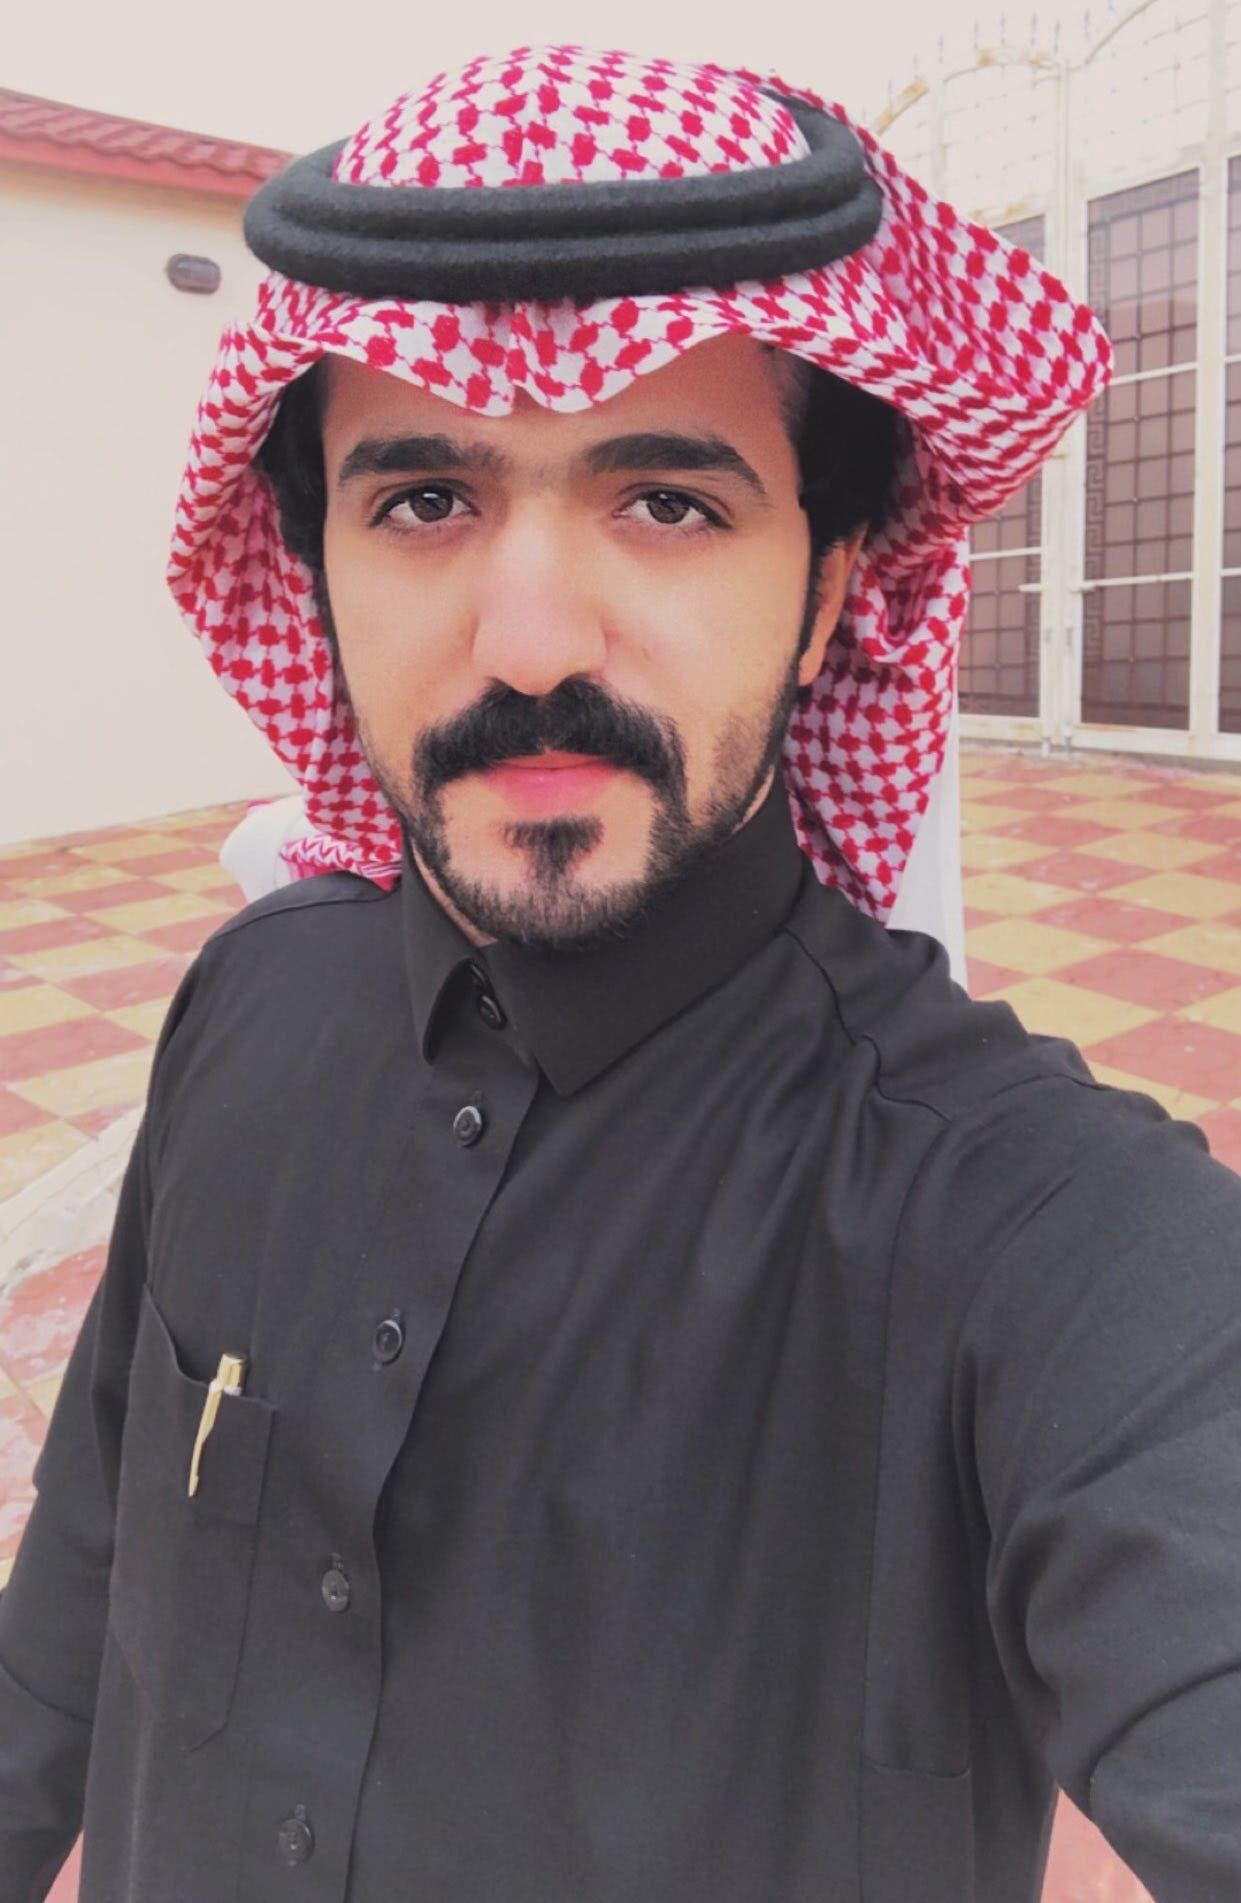 الشاب السعودي عبدالكريم عبدالرحمن